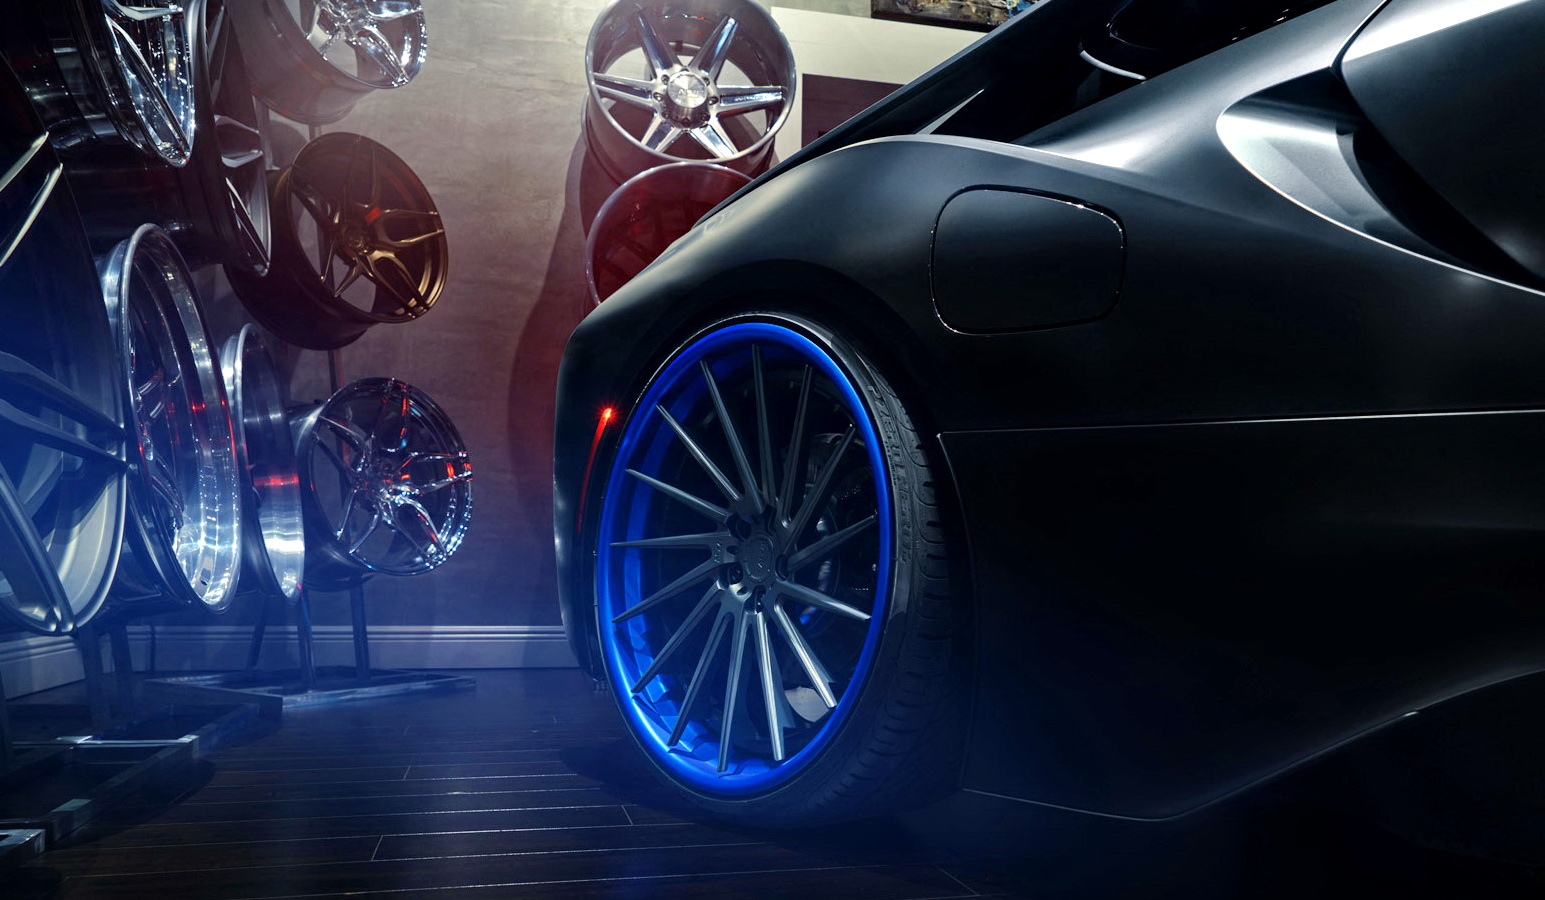 再添《BMW i8》的科技視覺效果 ADV.1 Wheels呈現精緻炫藍之作